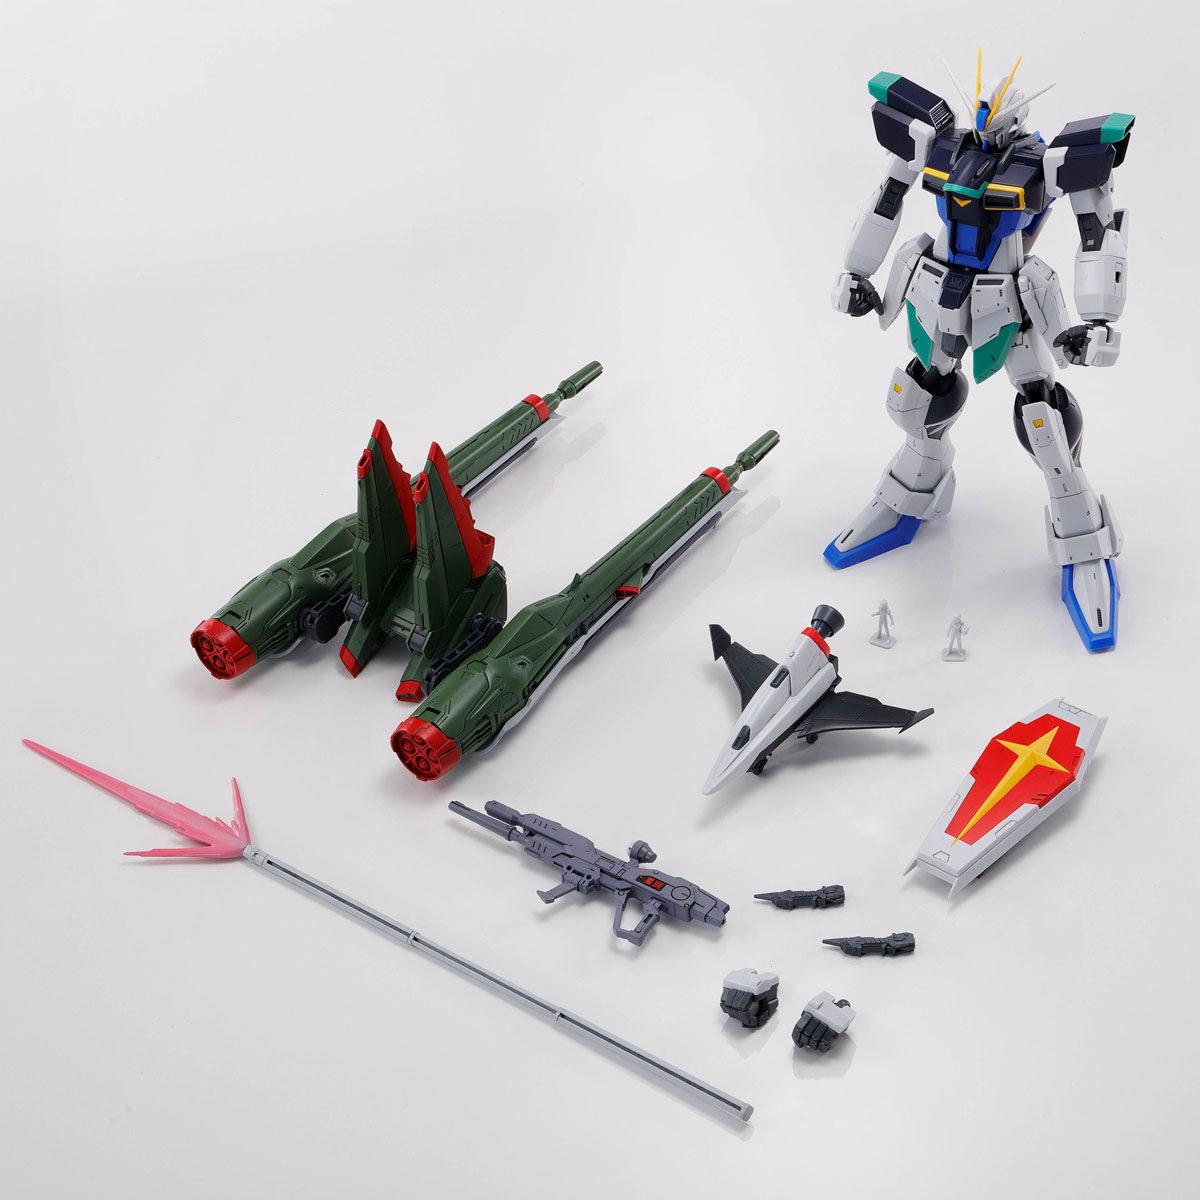 【限定販売】MG 1/100『ブラストインパルスガンダム』プラモデル-009